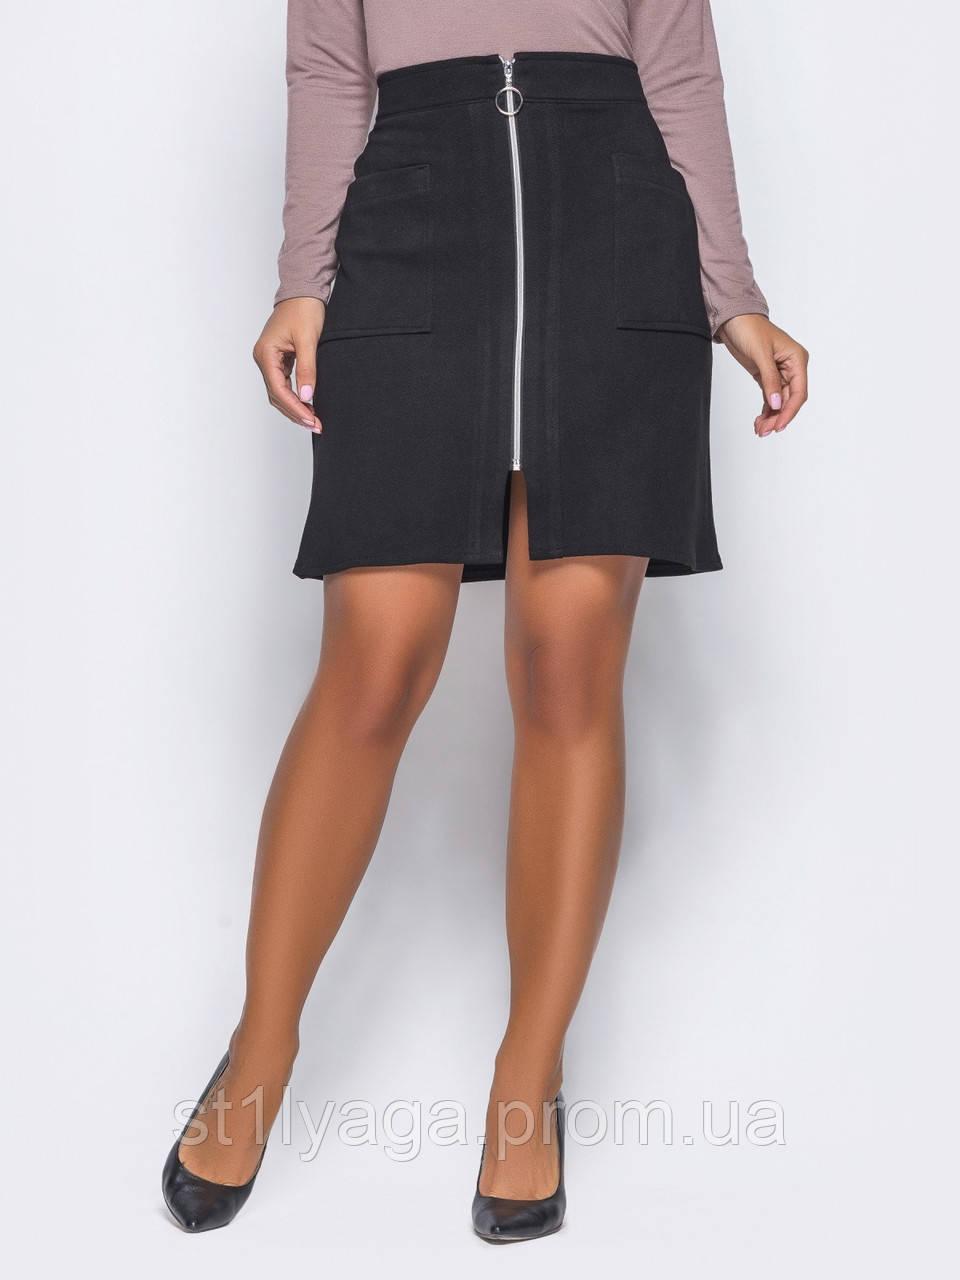 Оригинальная замшевая юбка прямого кроя с функциональными карманами и молнией во всю длину